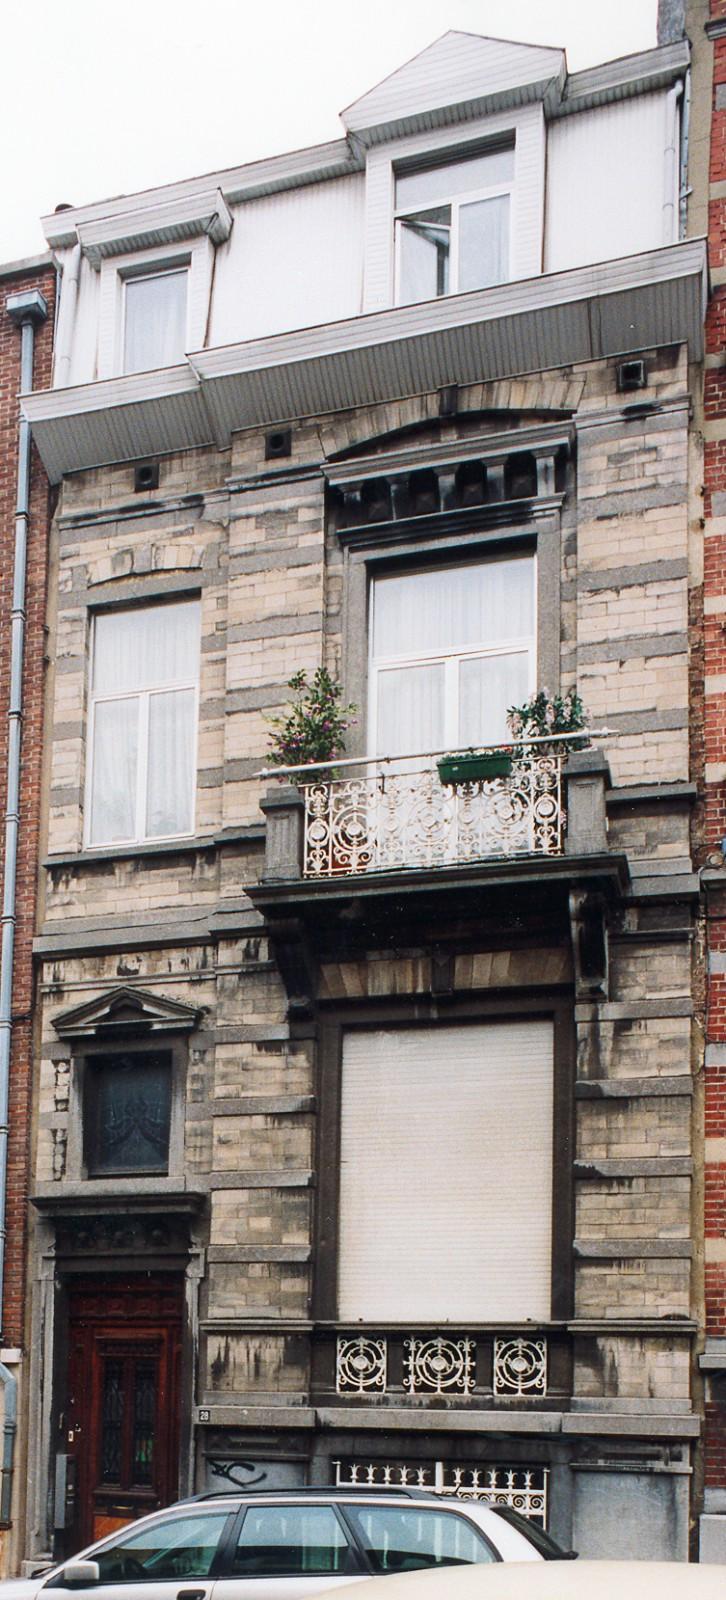 Rue des Etudiants 28., 2003